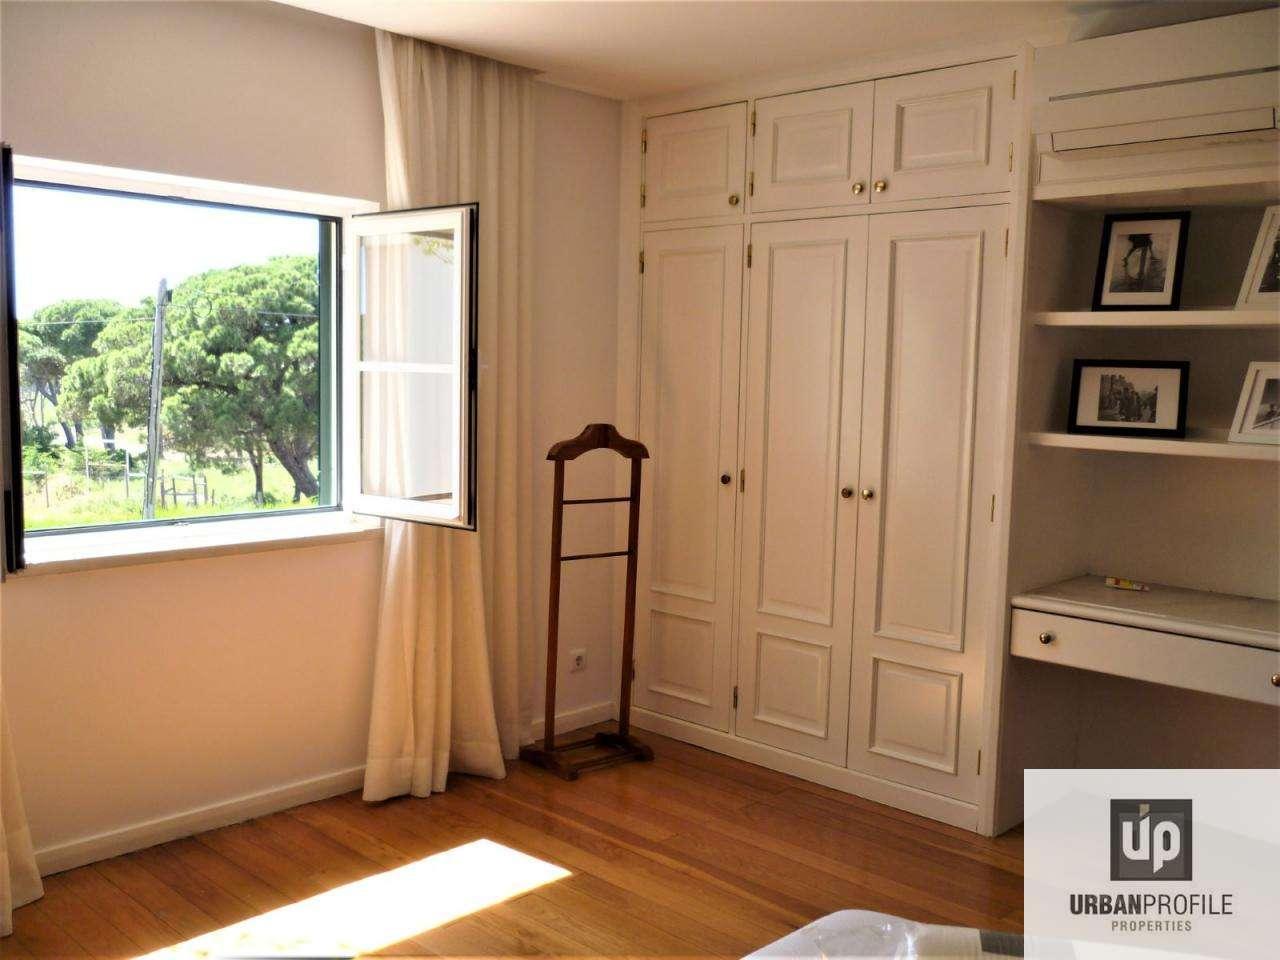 Moradia para arrendar, Cascais e Estoril, Lisboa - Foto 5